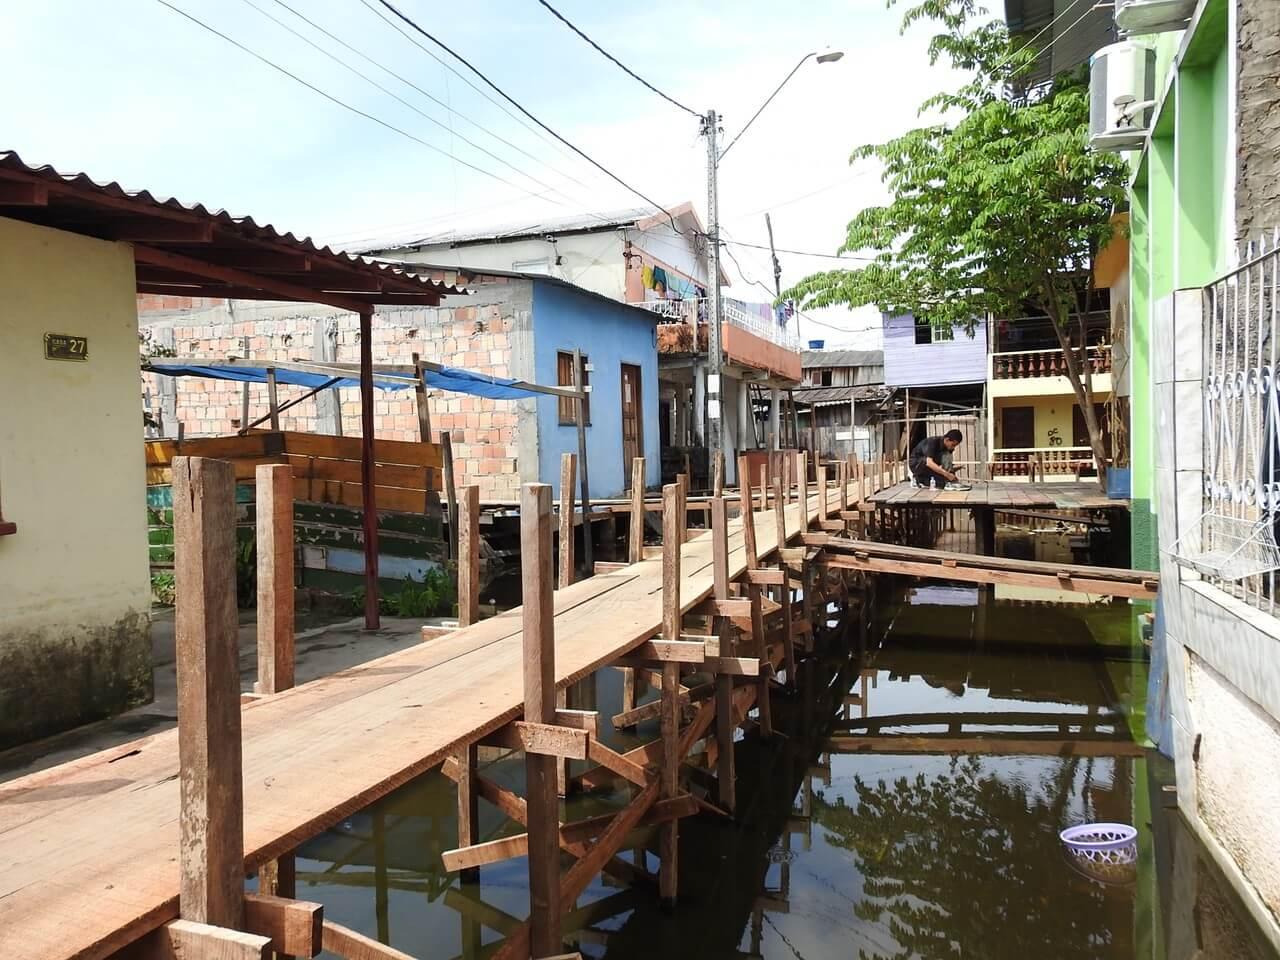 Nível do Rio Negro reduz mais de 30 cm nos últimos dias, aponta CPRM